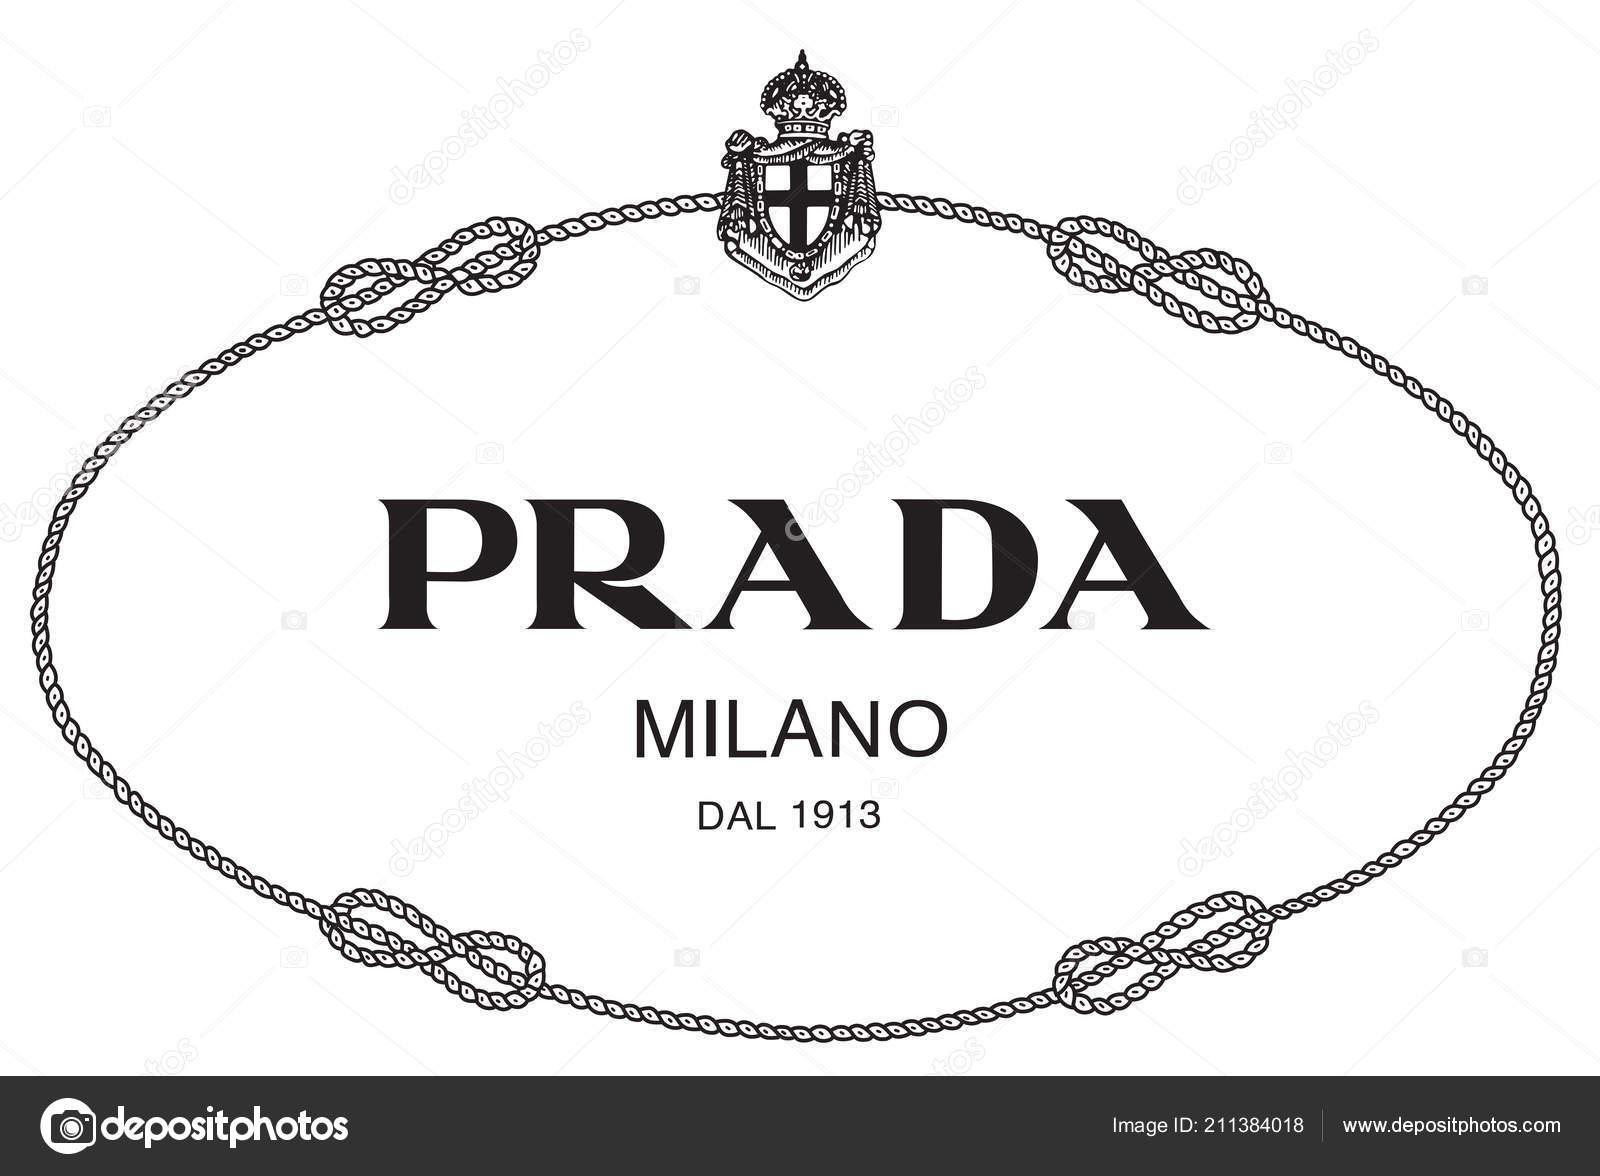 ae7992844 Ilustración de ropa Prada milano logo marca de lujo de moda Italia — Foto de  ...